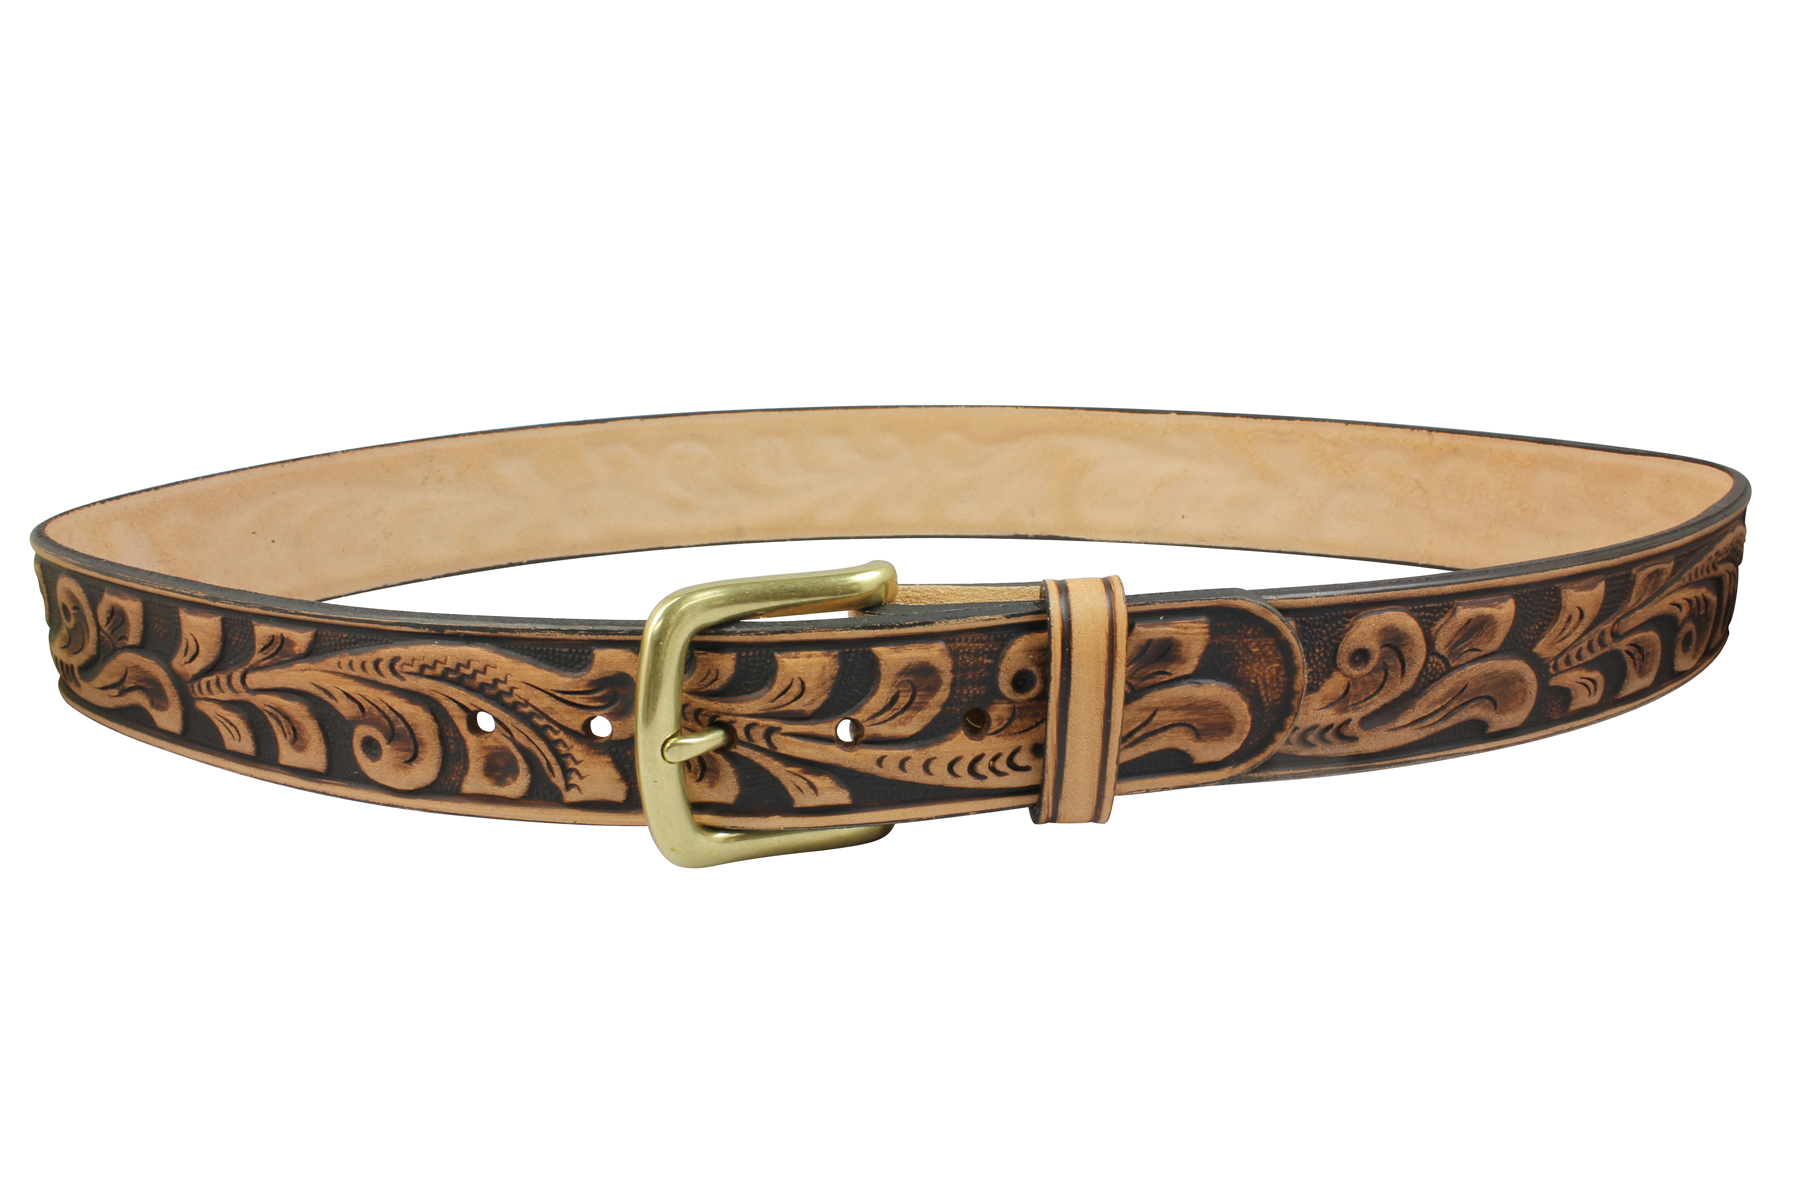 Belt clipart dog. Embossed leather oakleaf pattern